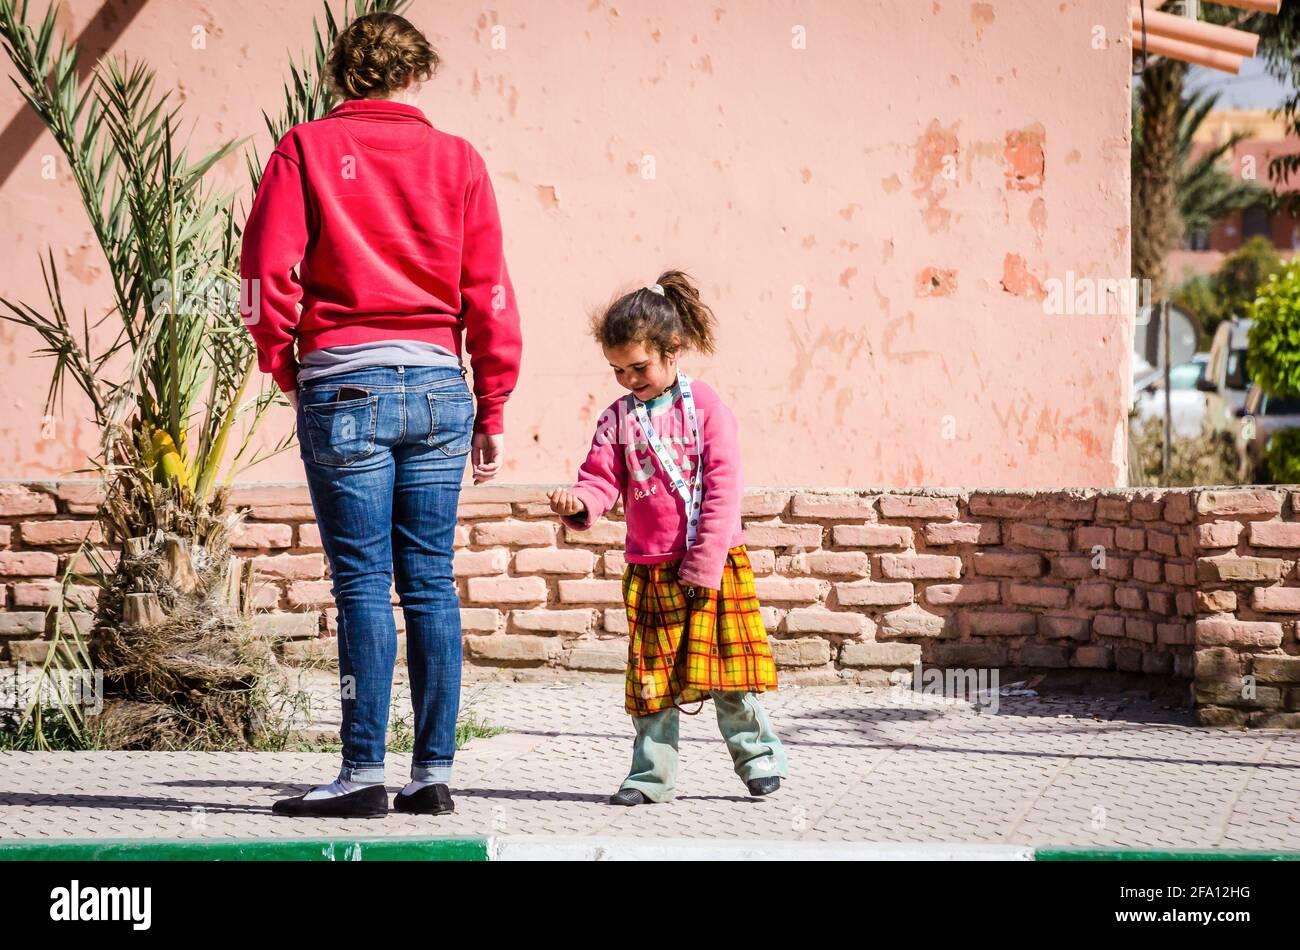 Errachidia, Marruecos - 11 de abril de 2015. Una linda chica marroquí mendigar por dinero en la calle Foto de stock